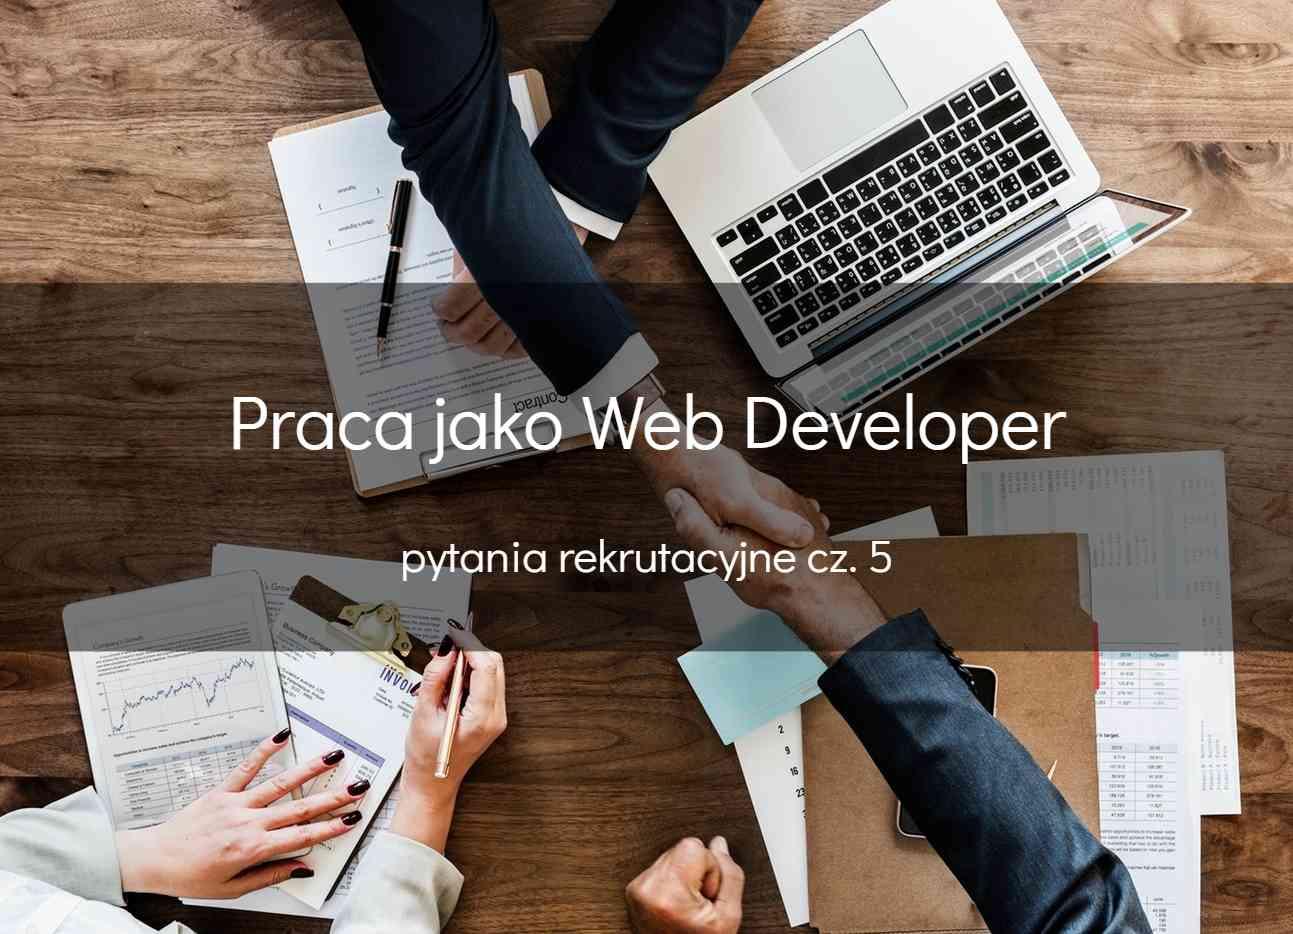 Web developer – pytania rekrutacyjne cz.5